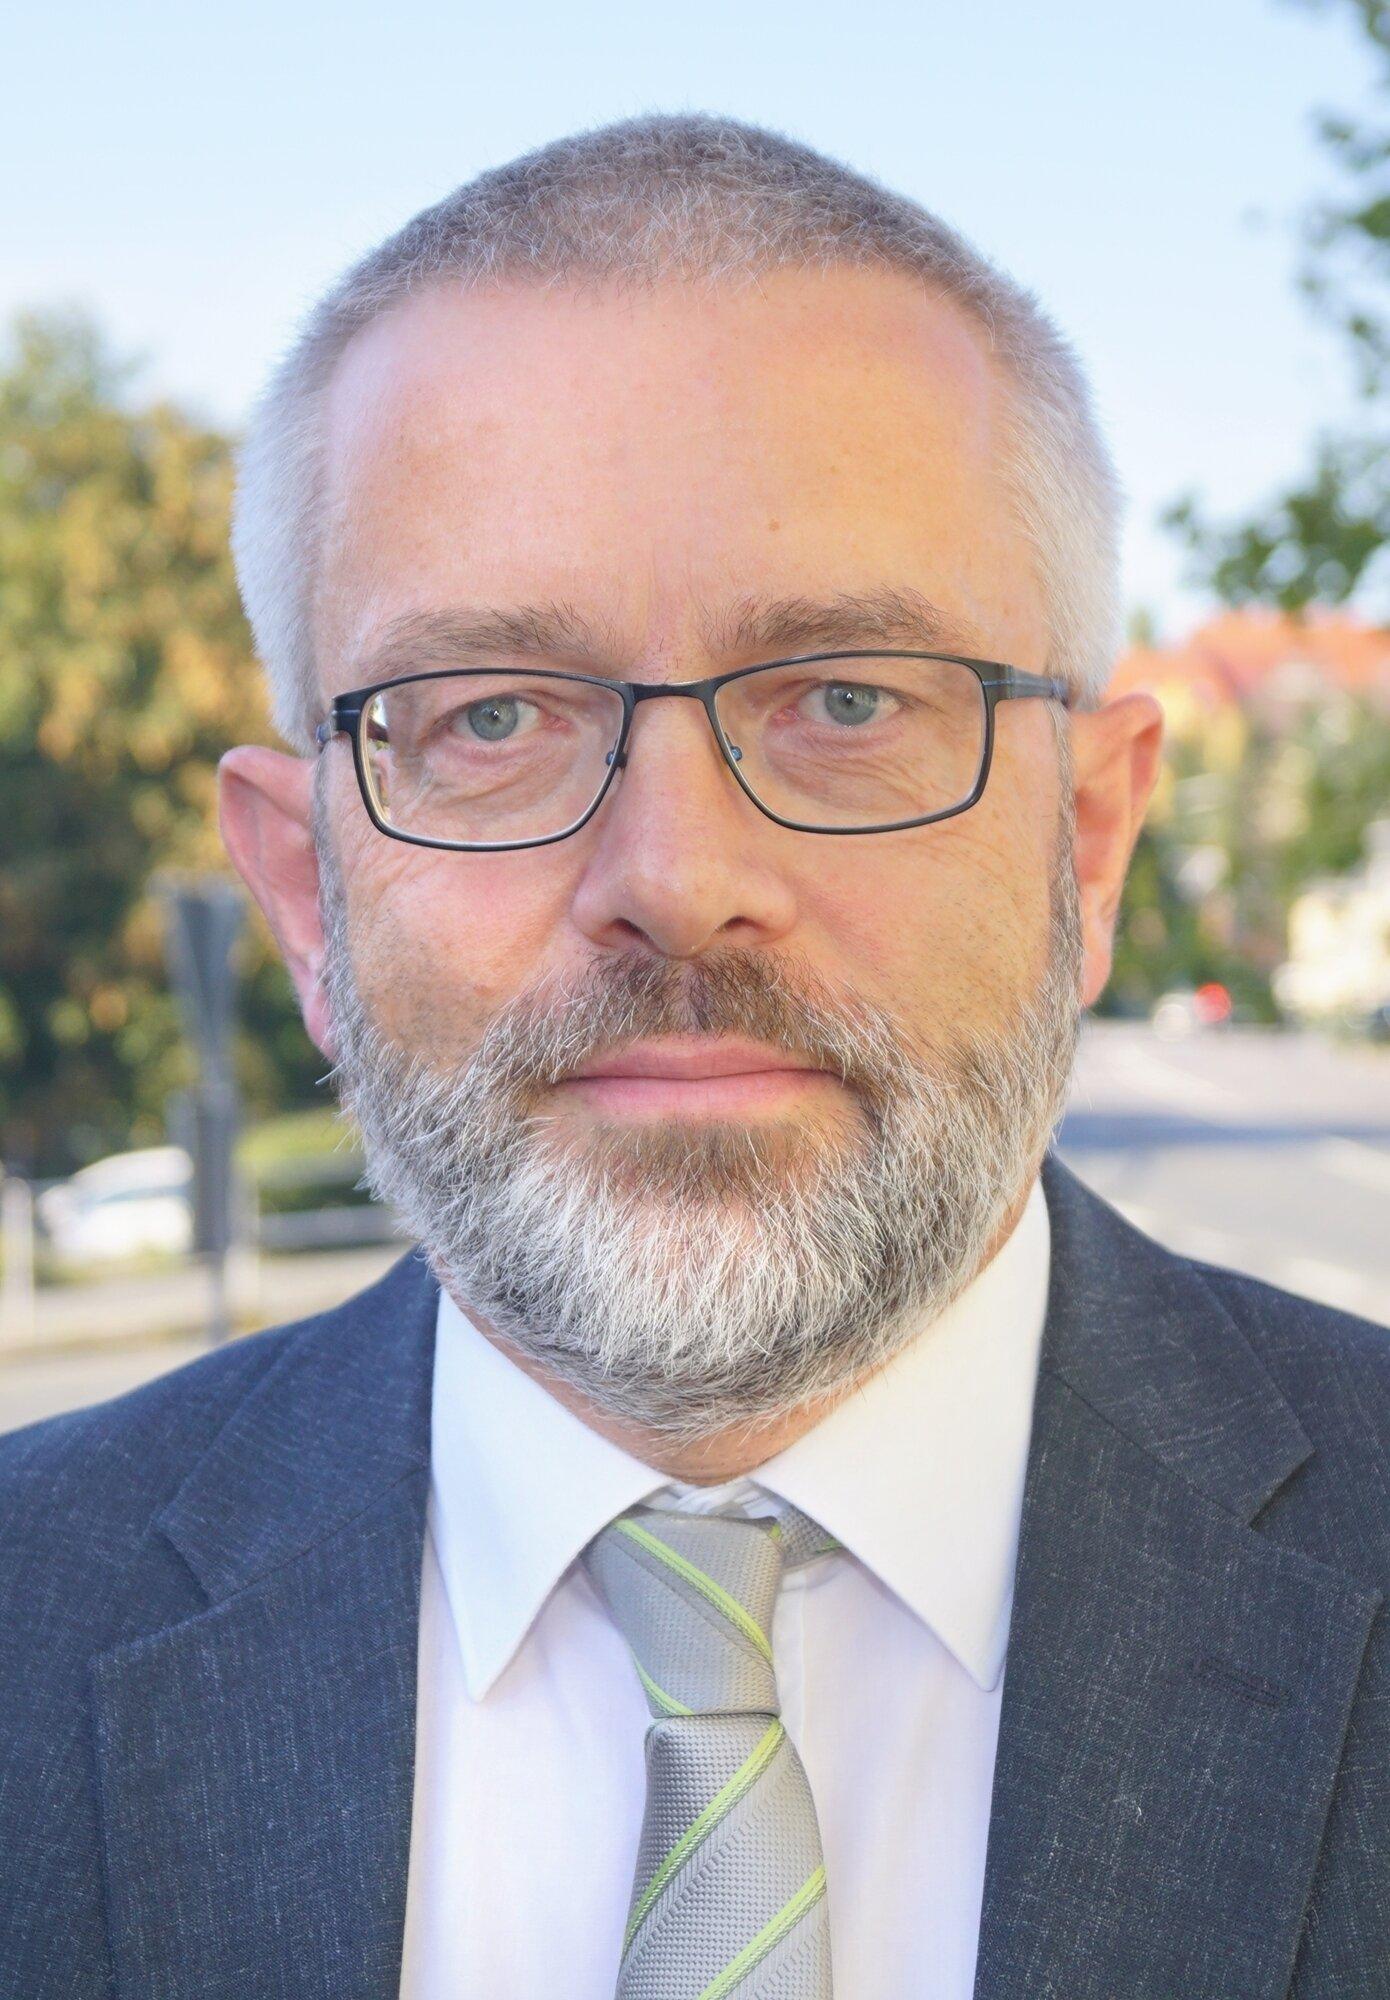 Bürgermeister Stefan Feustel (c) A. Wohland